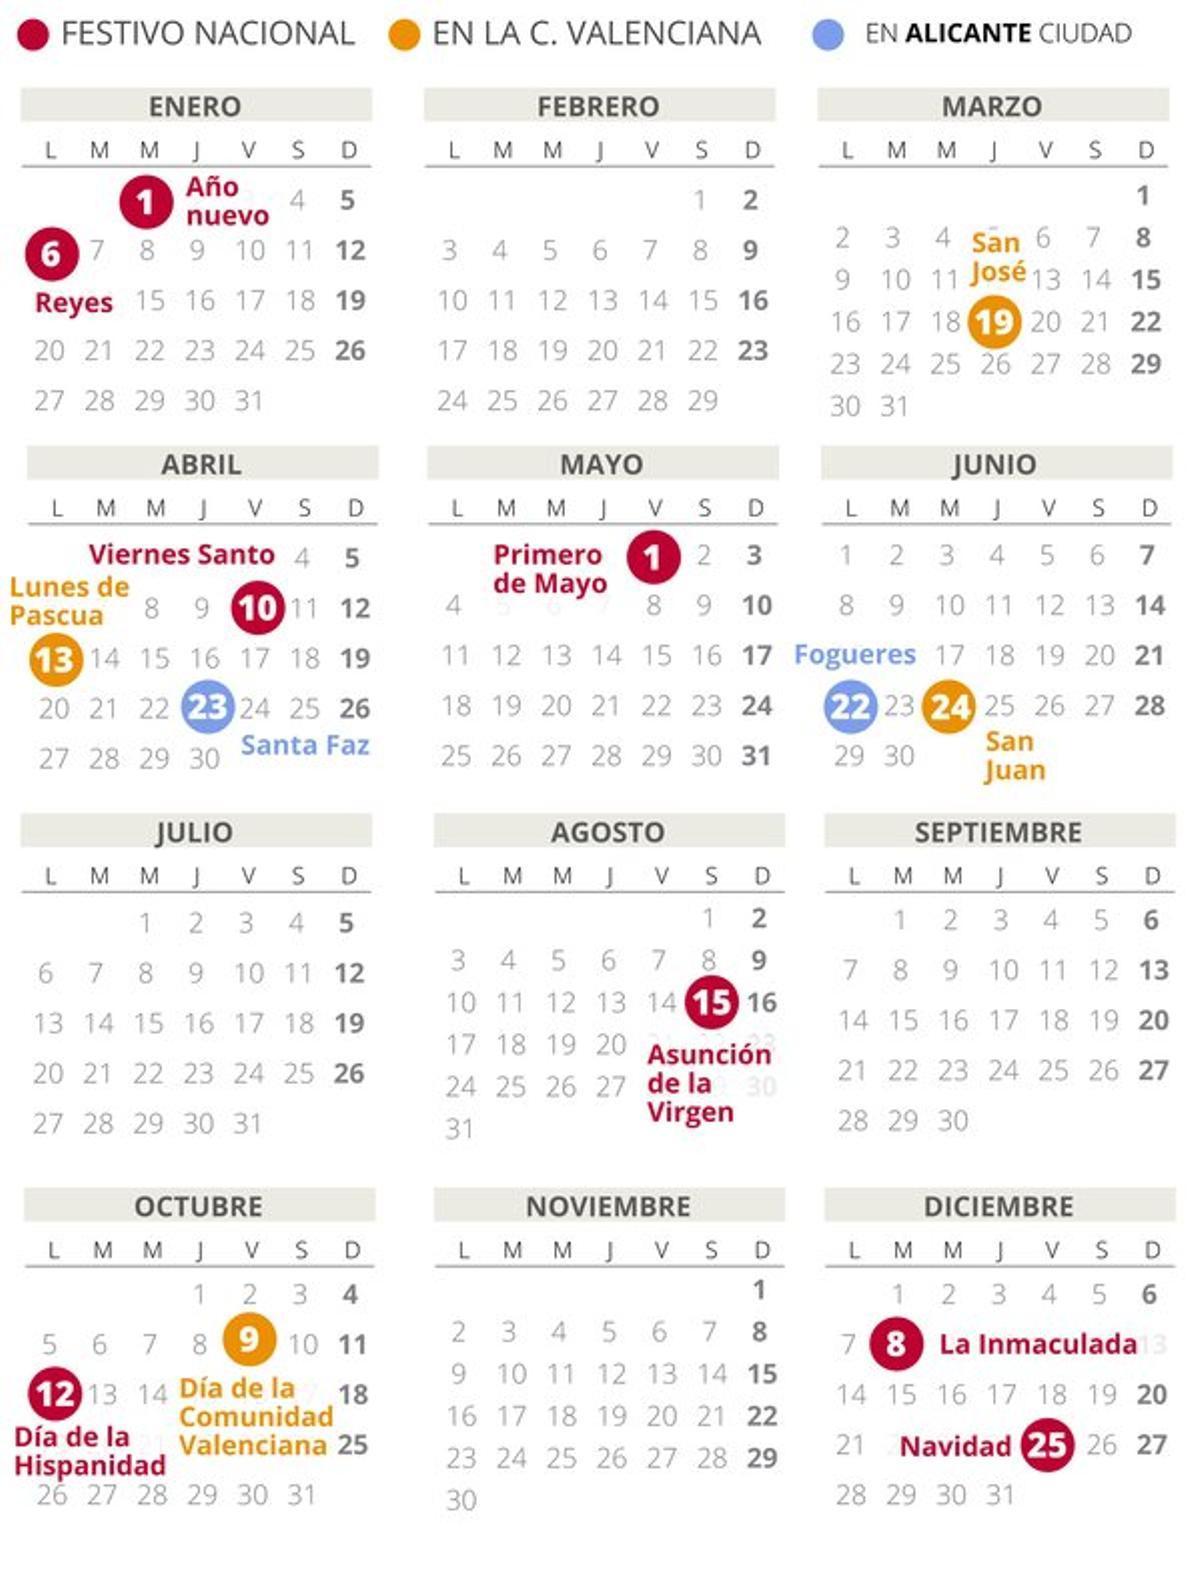 Calendario laboral de Alicante del 2020.